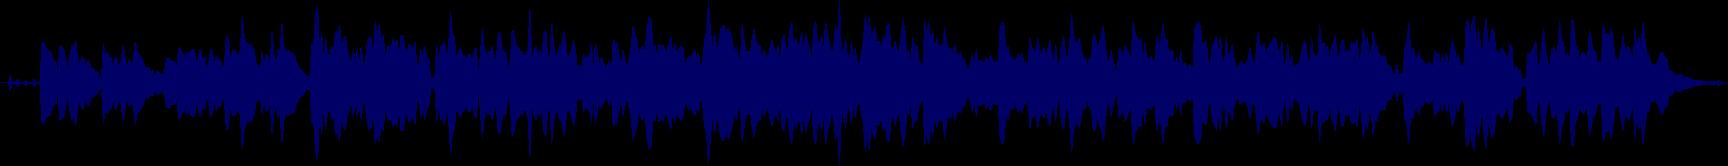 waveform of track #27726